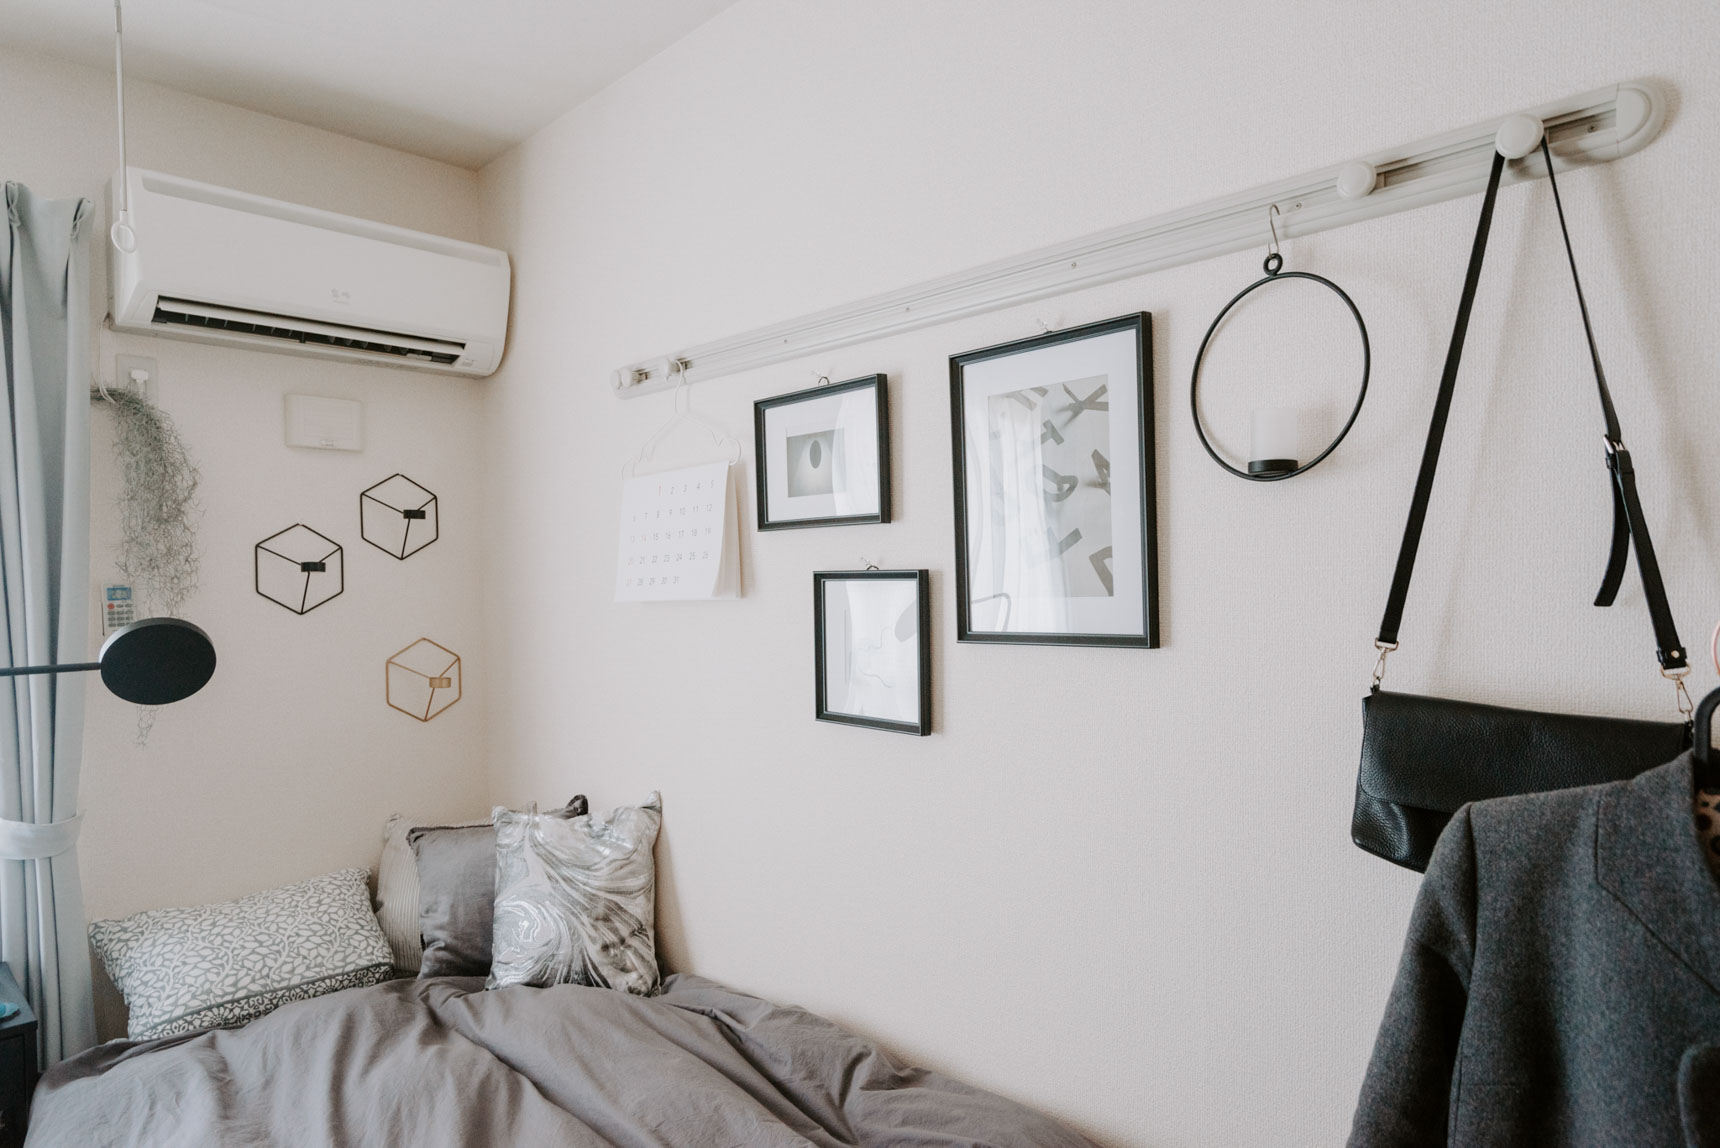 壁に飾られているものも、デザインセンスを感じるものが多いです。幾何学的な形が印象的なキャンドルホルダーはデンマークのmenuのもの。